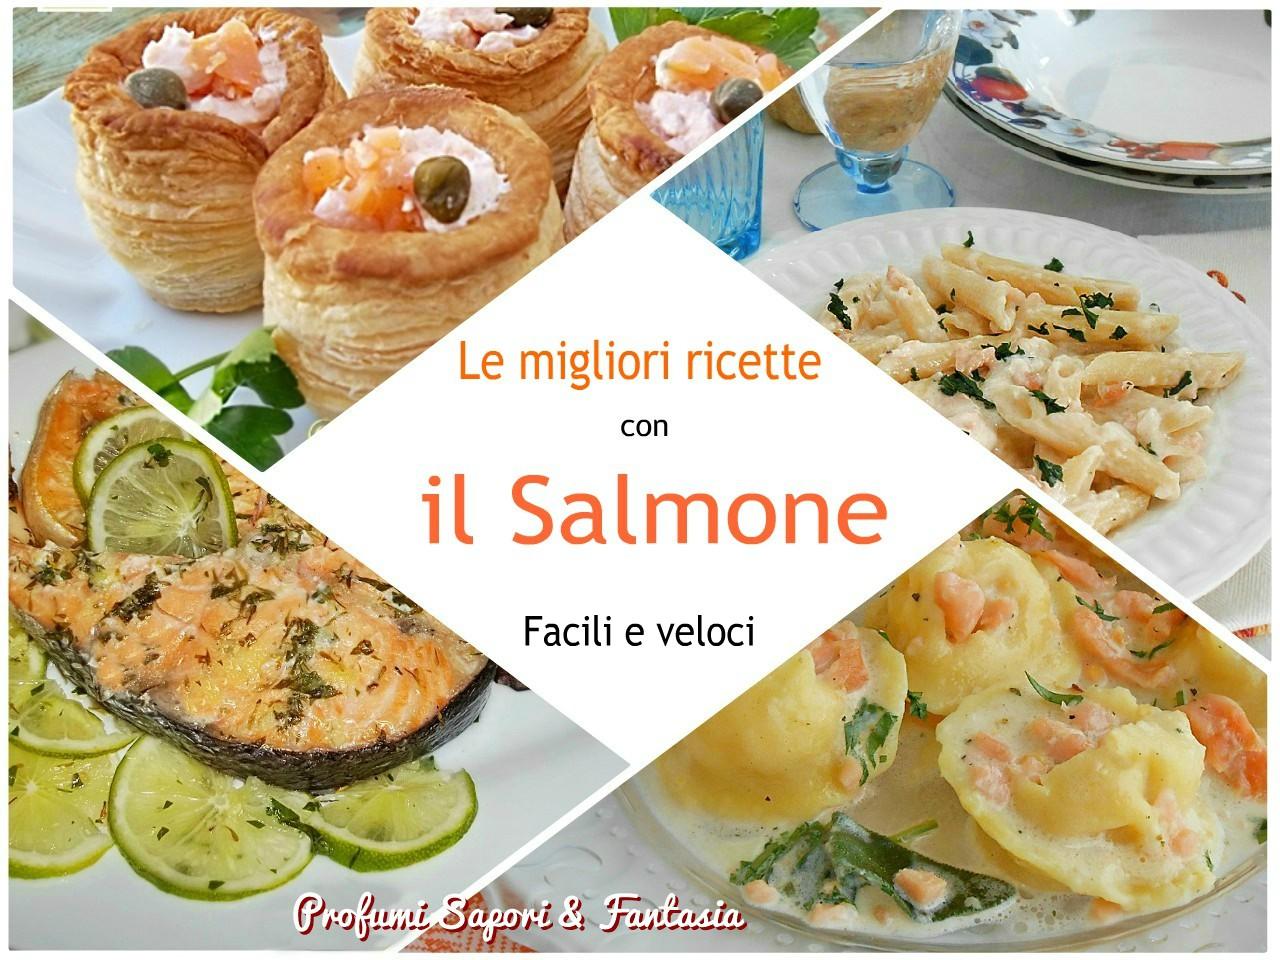 Le migliori ricette con il salmone